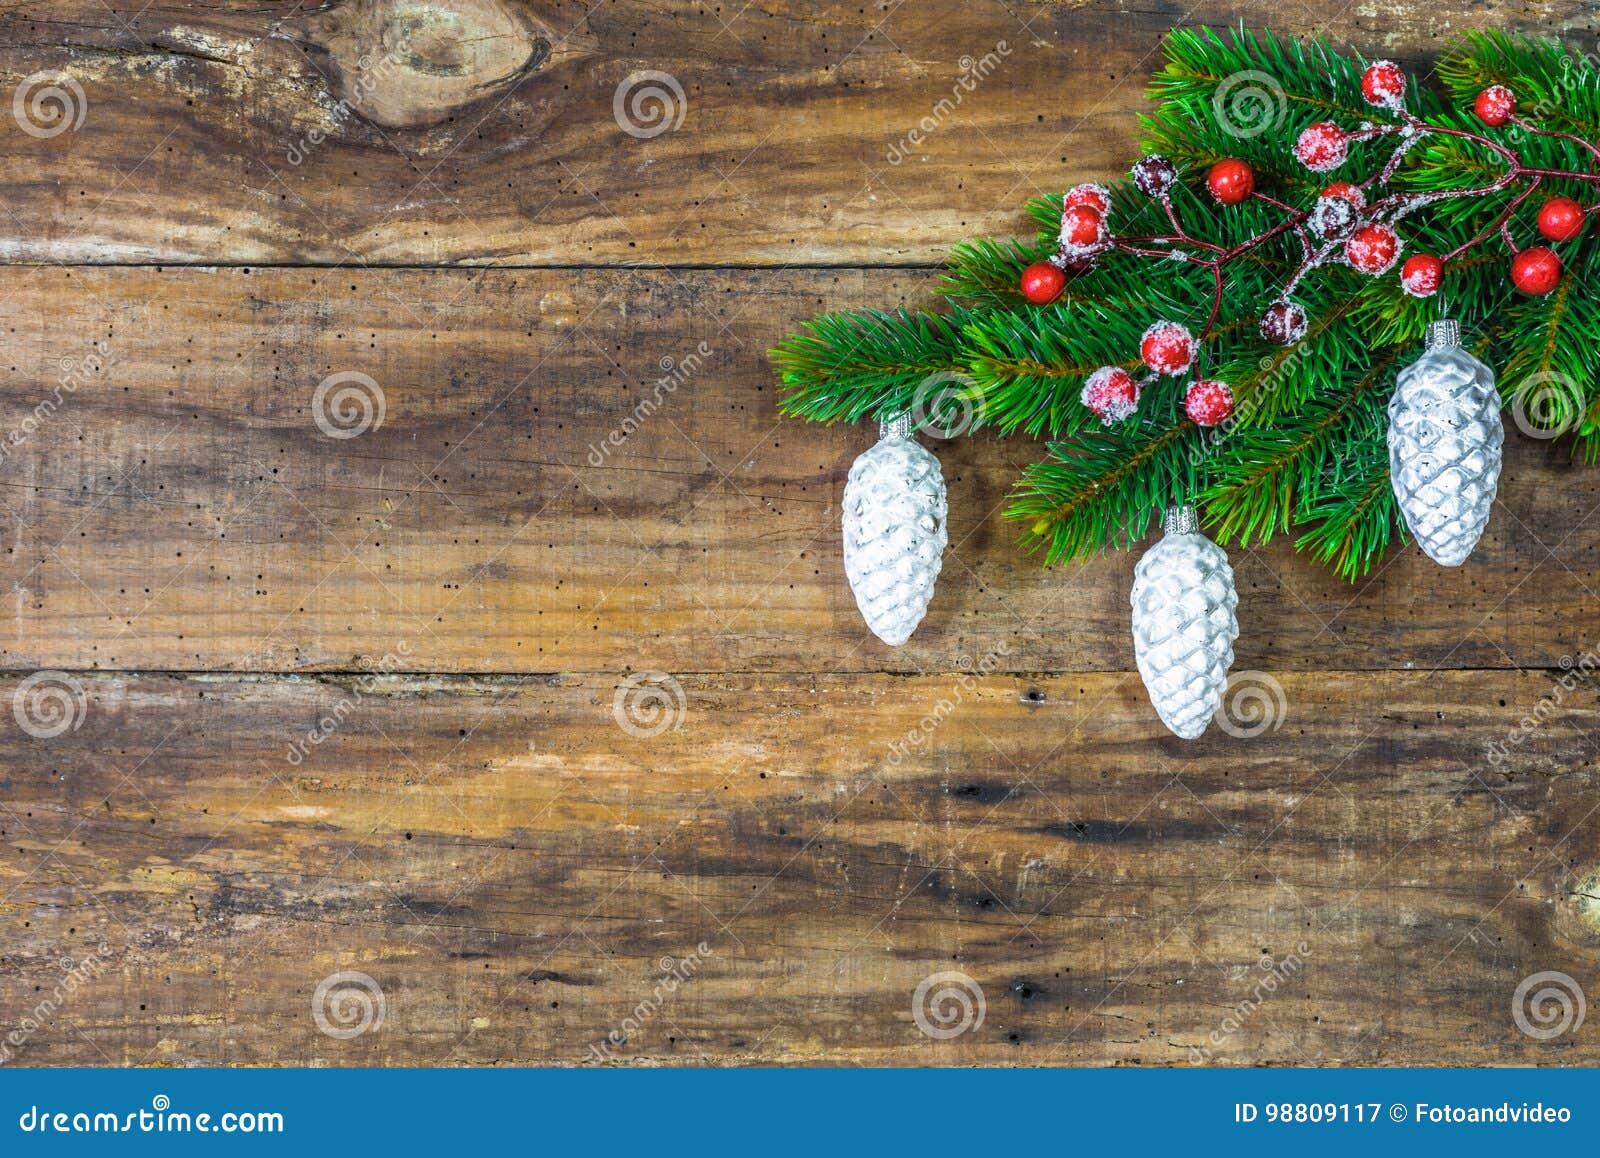 Bożenarodzeniowi ornamenty wiesza na zielonej jodle rozgałęziają się nad nieociosaną drewnianą deską